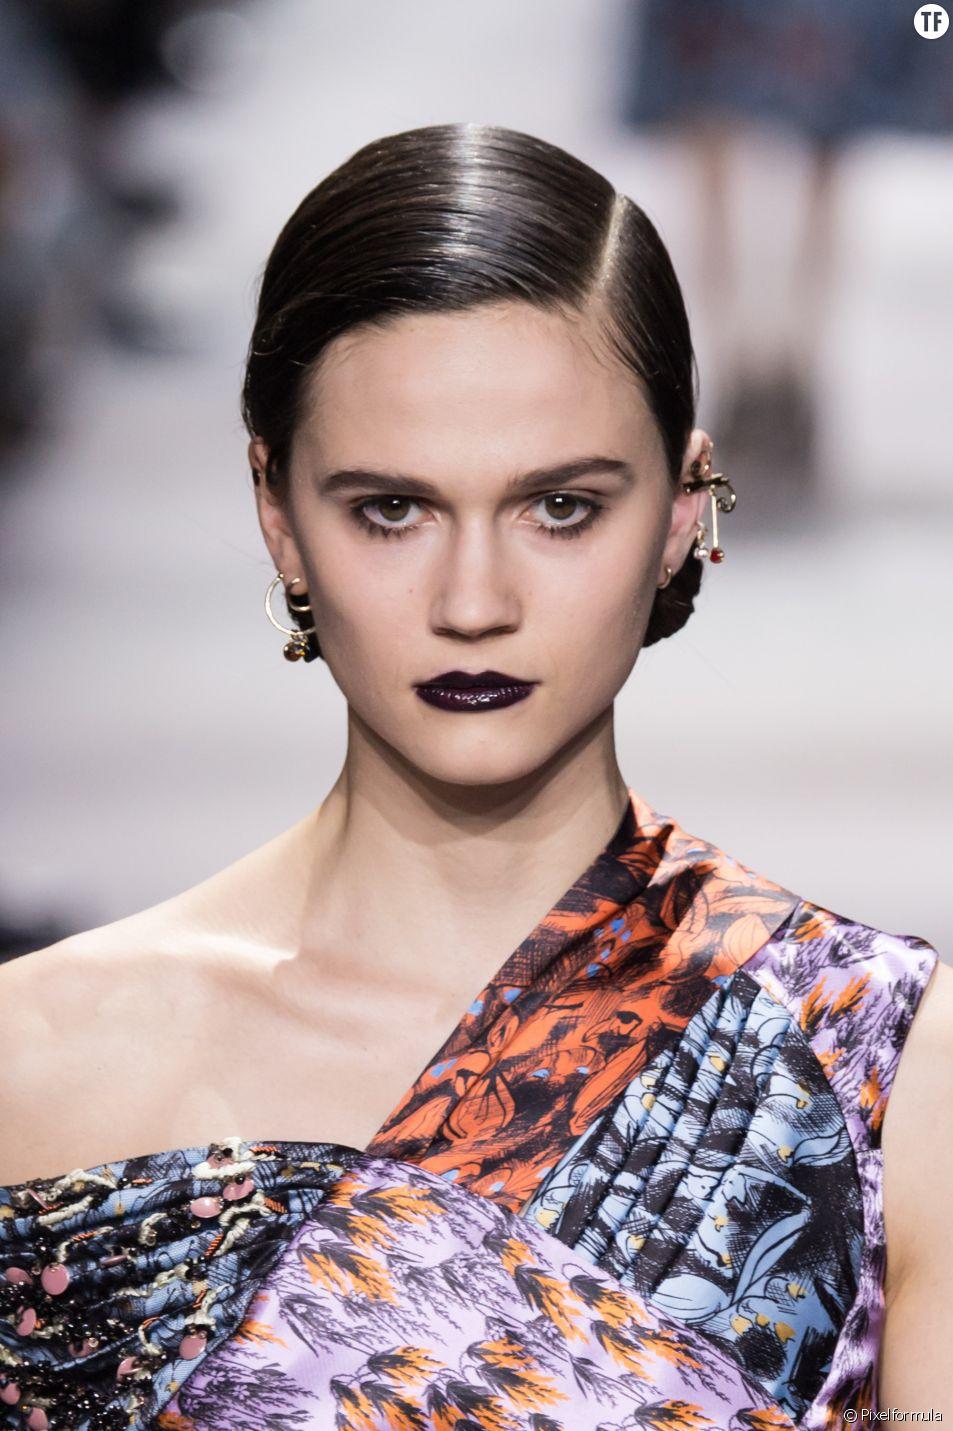 Les 10 tendances maquillage de l'automne-hiver 2016/2017